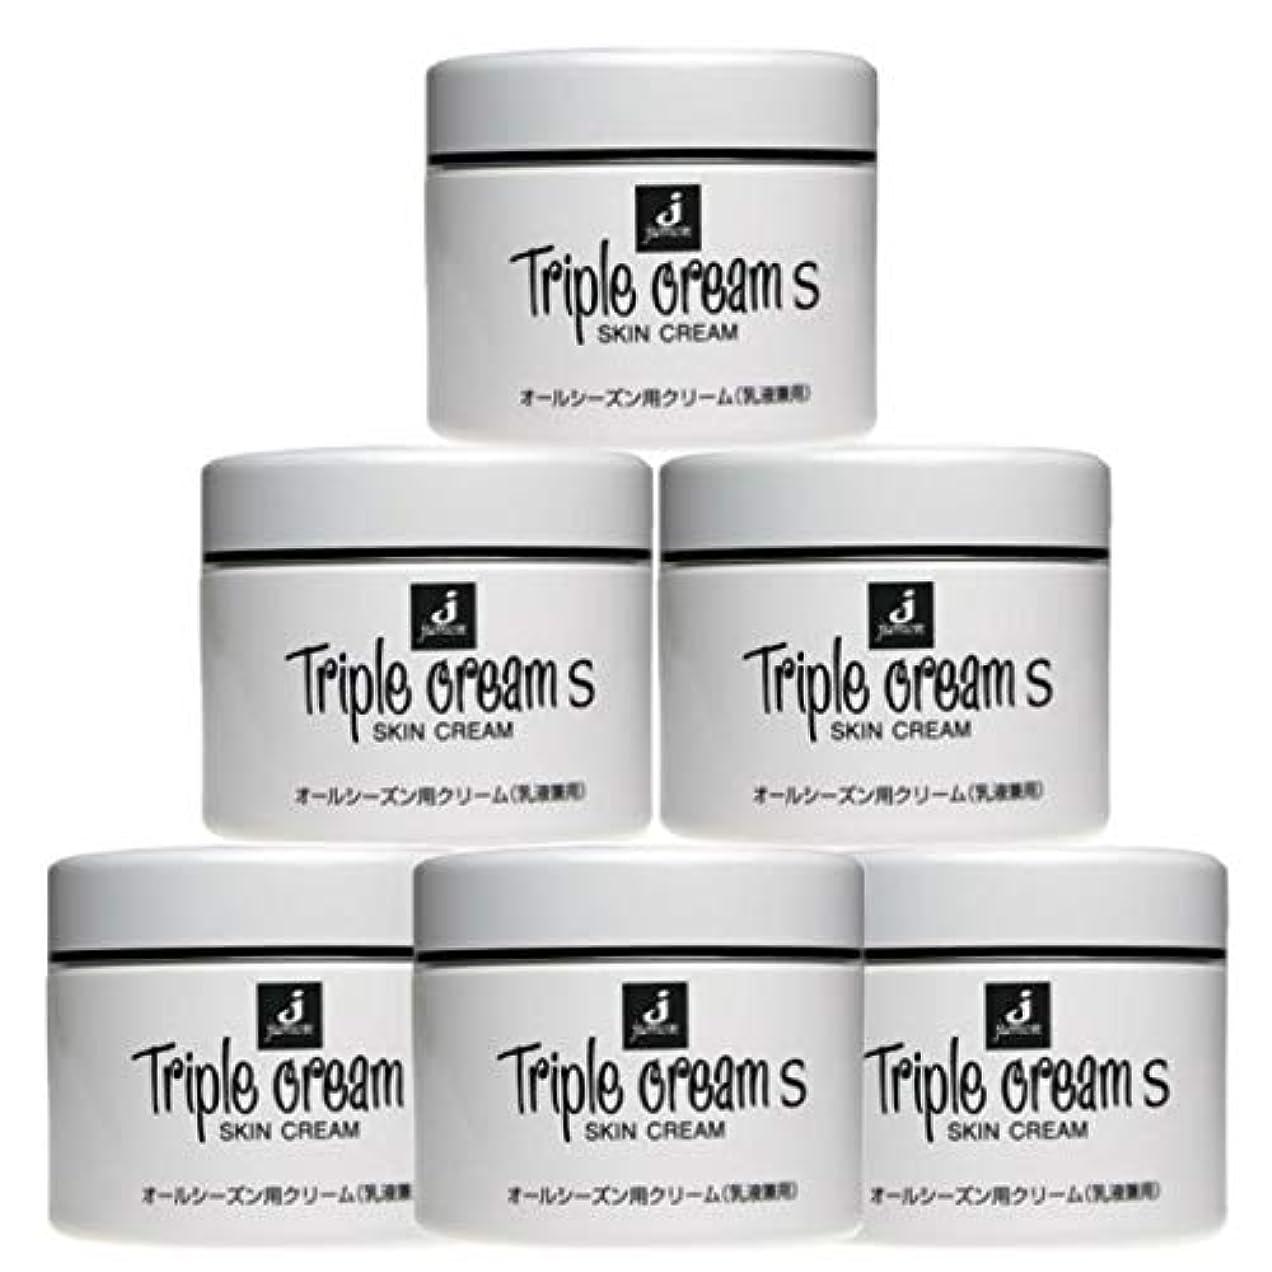 コンパイル気づく乱気流ジュモン化粧品 トリプルクリームS 215g(6個セット)